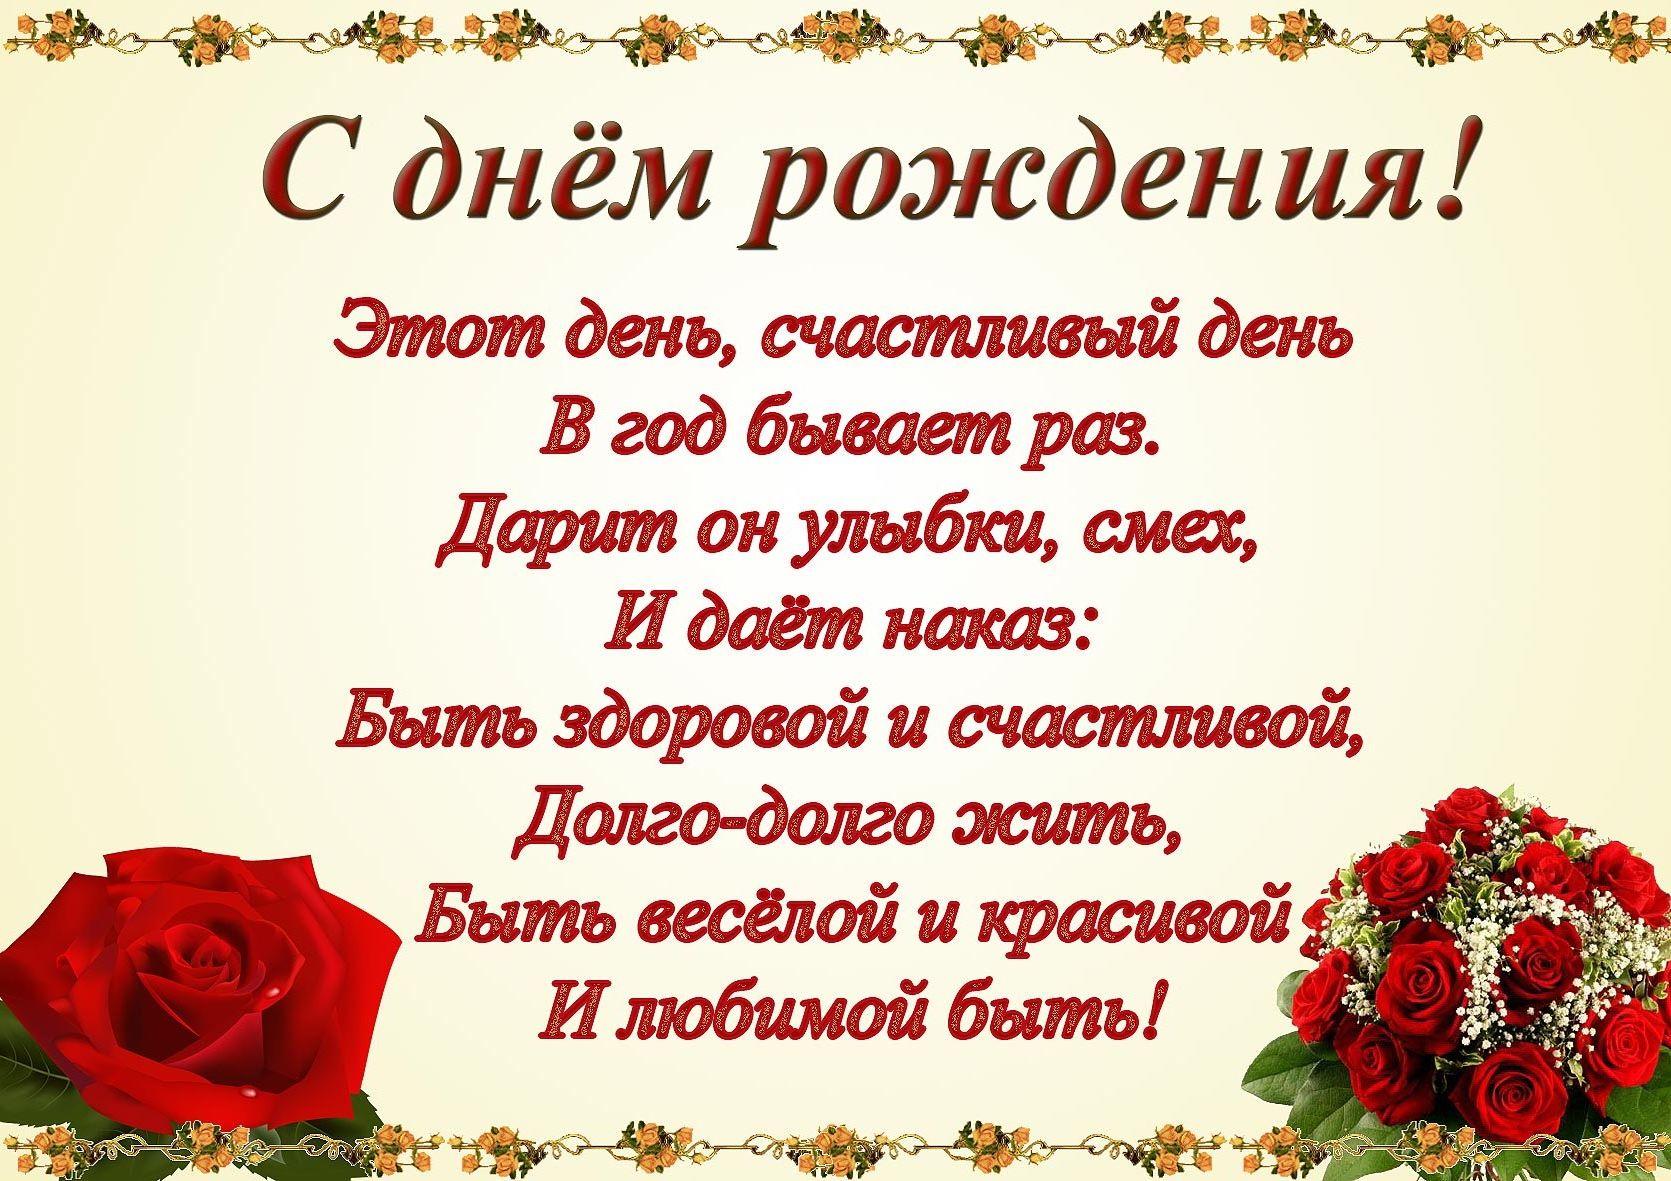 Поздравление открытка картинка